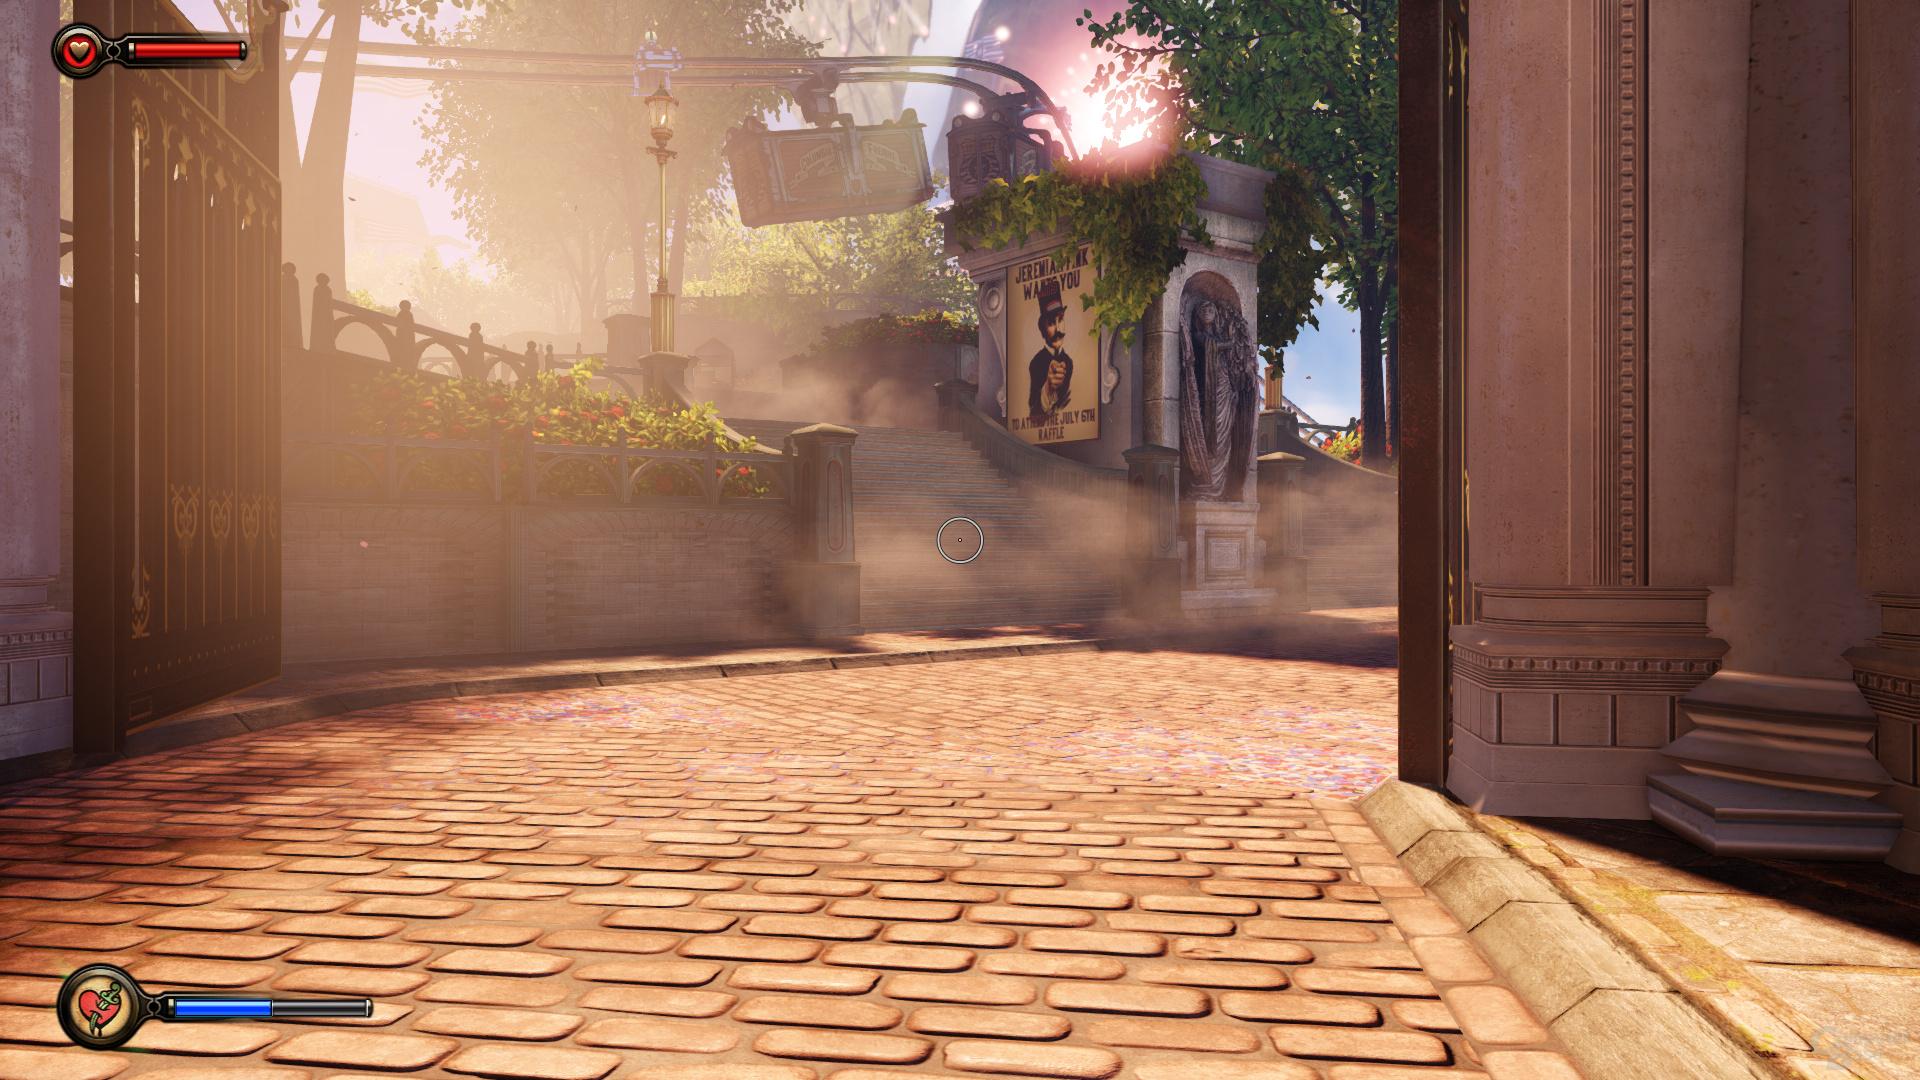 Nvidia Kepler - Bioshock Infinite